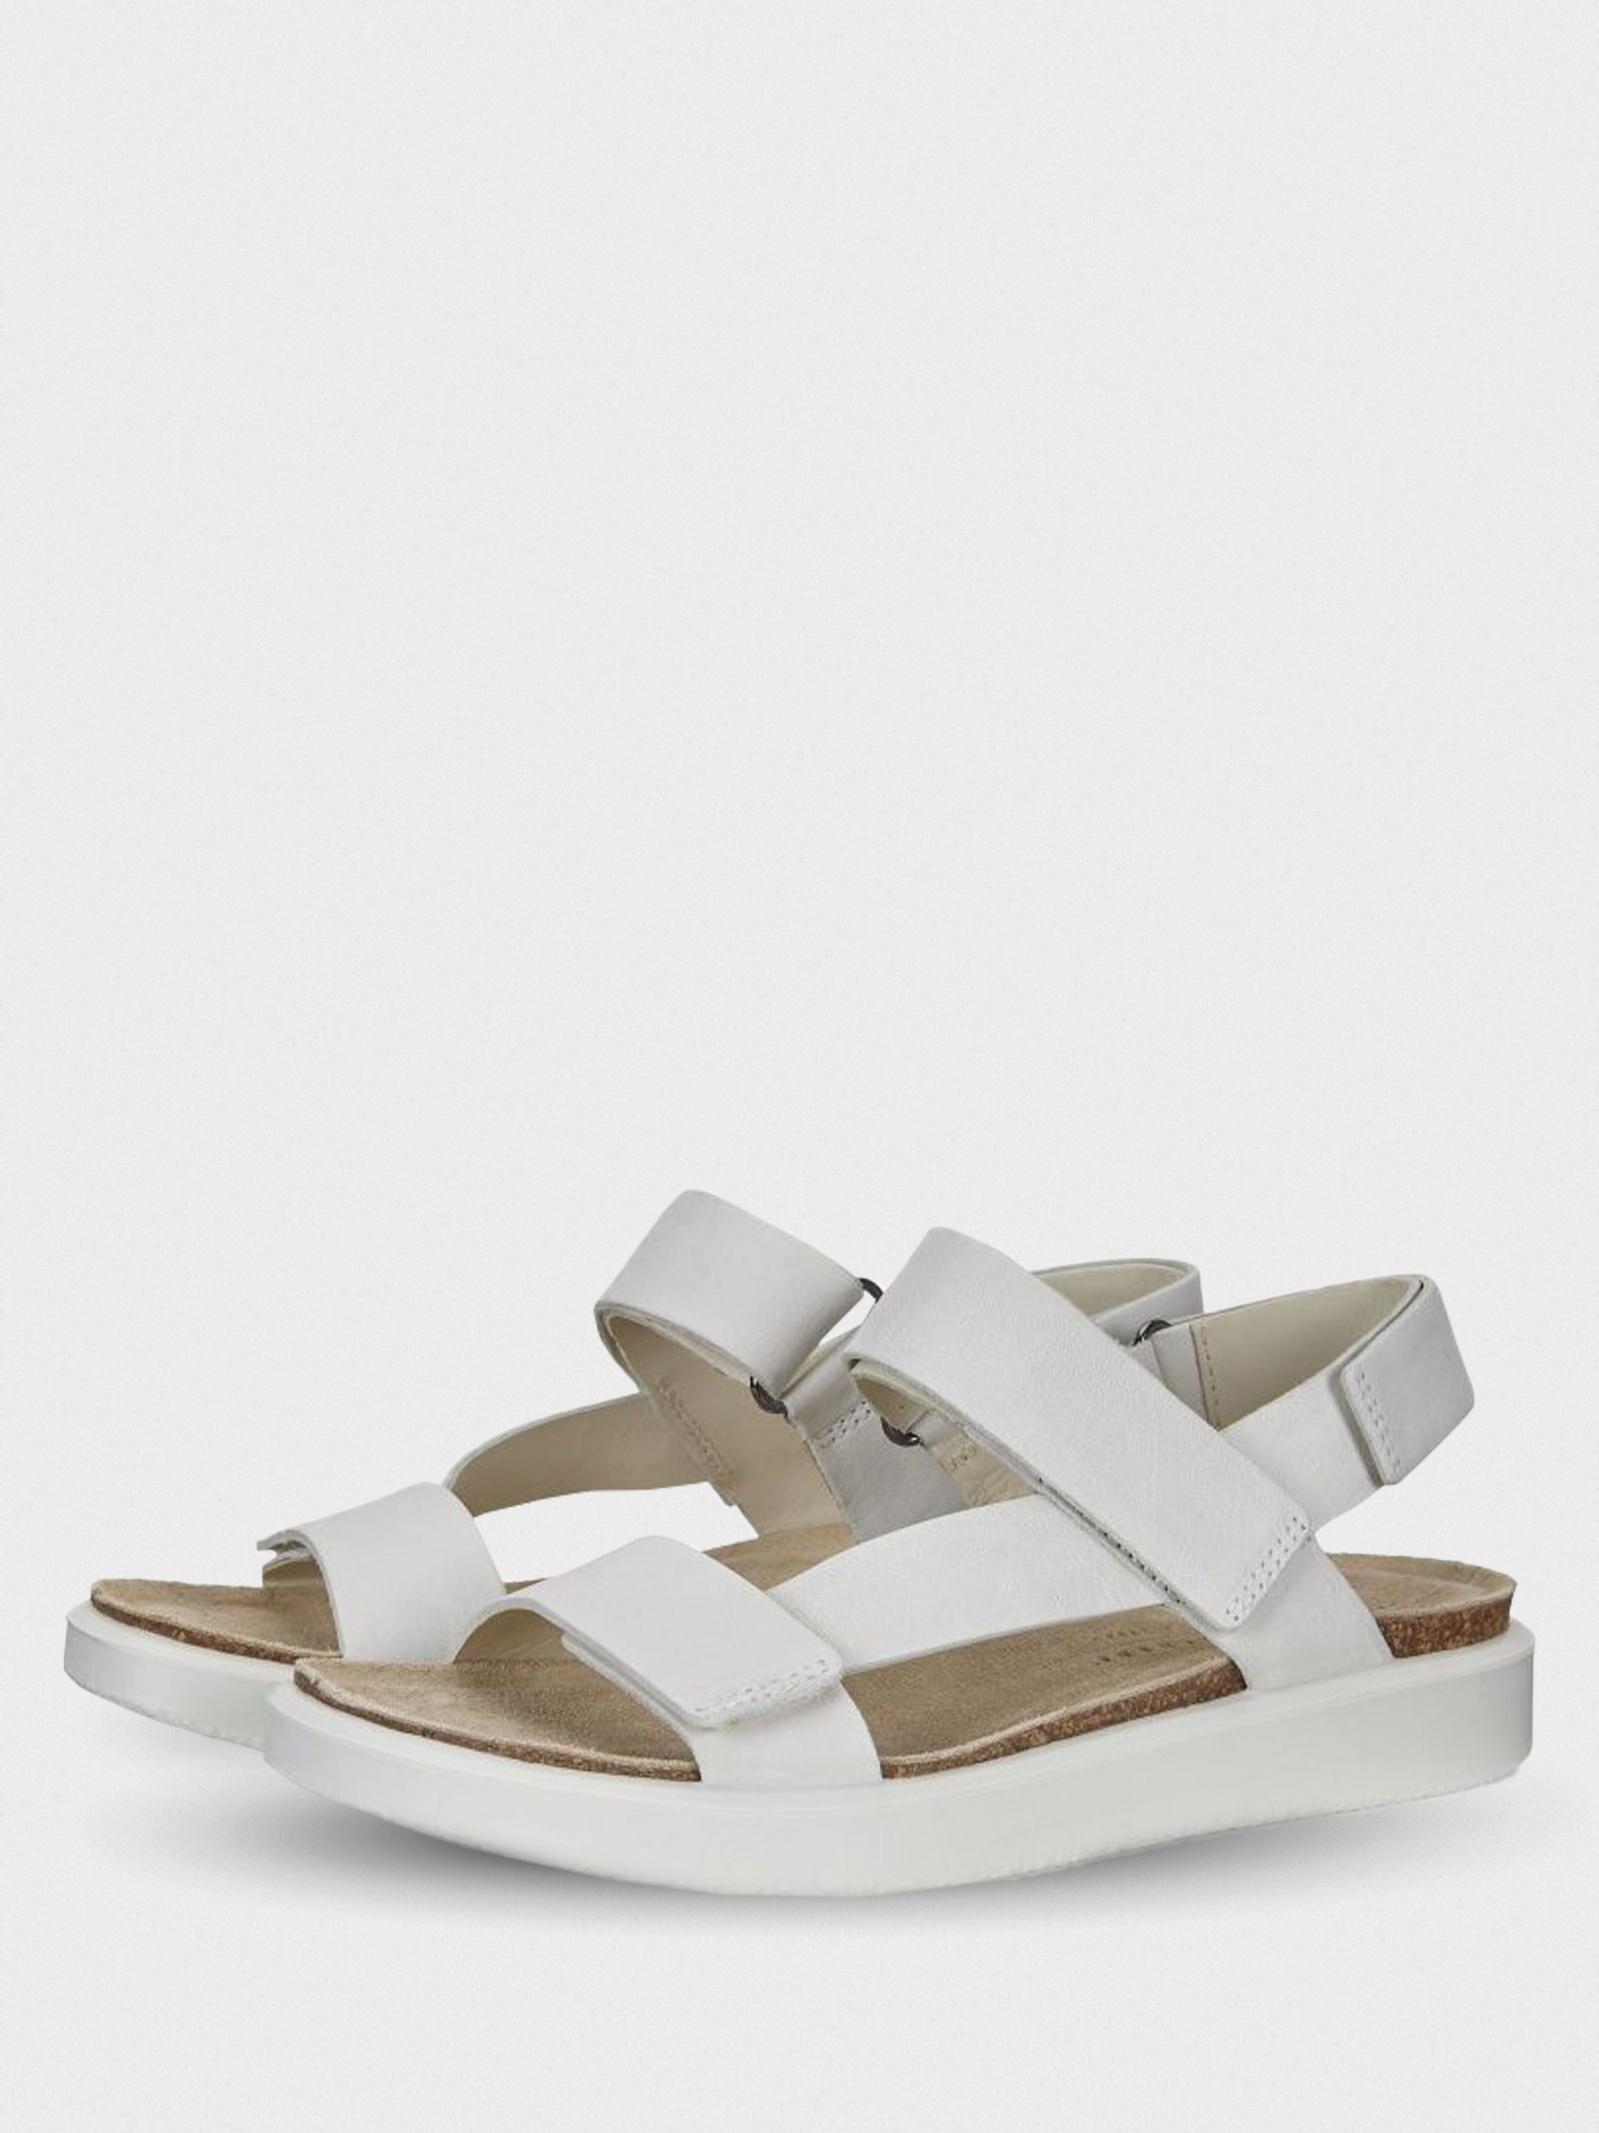 Сандалі  для жінок ECCO CORKSPHERE SANDAL 271813(01007) розмірна сітка взуття, 2017